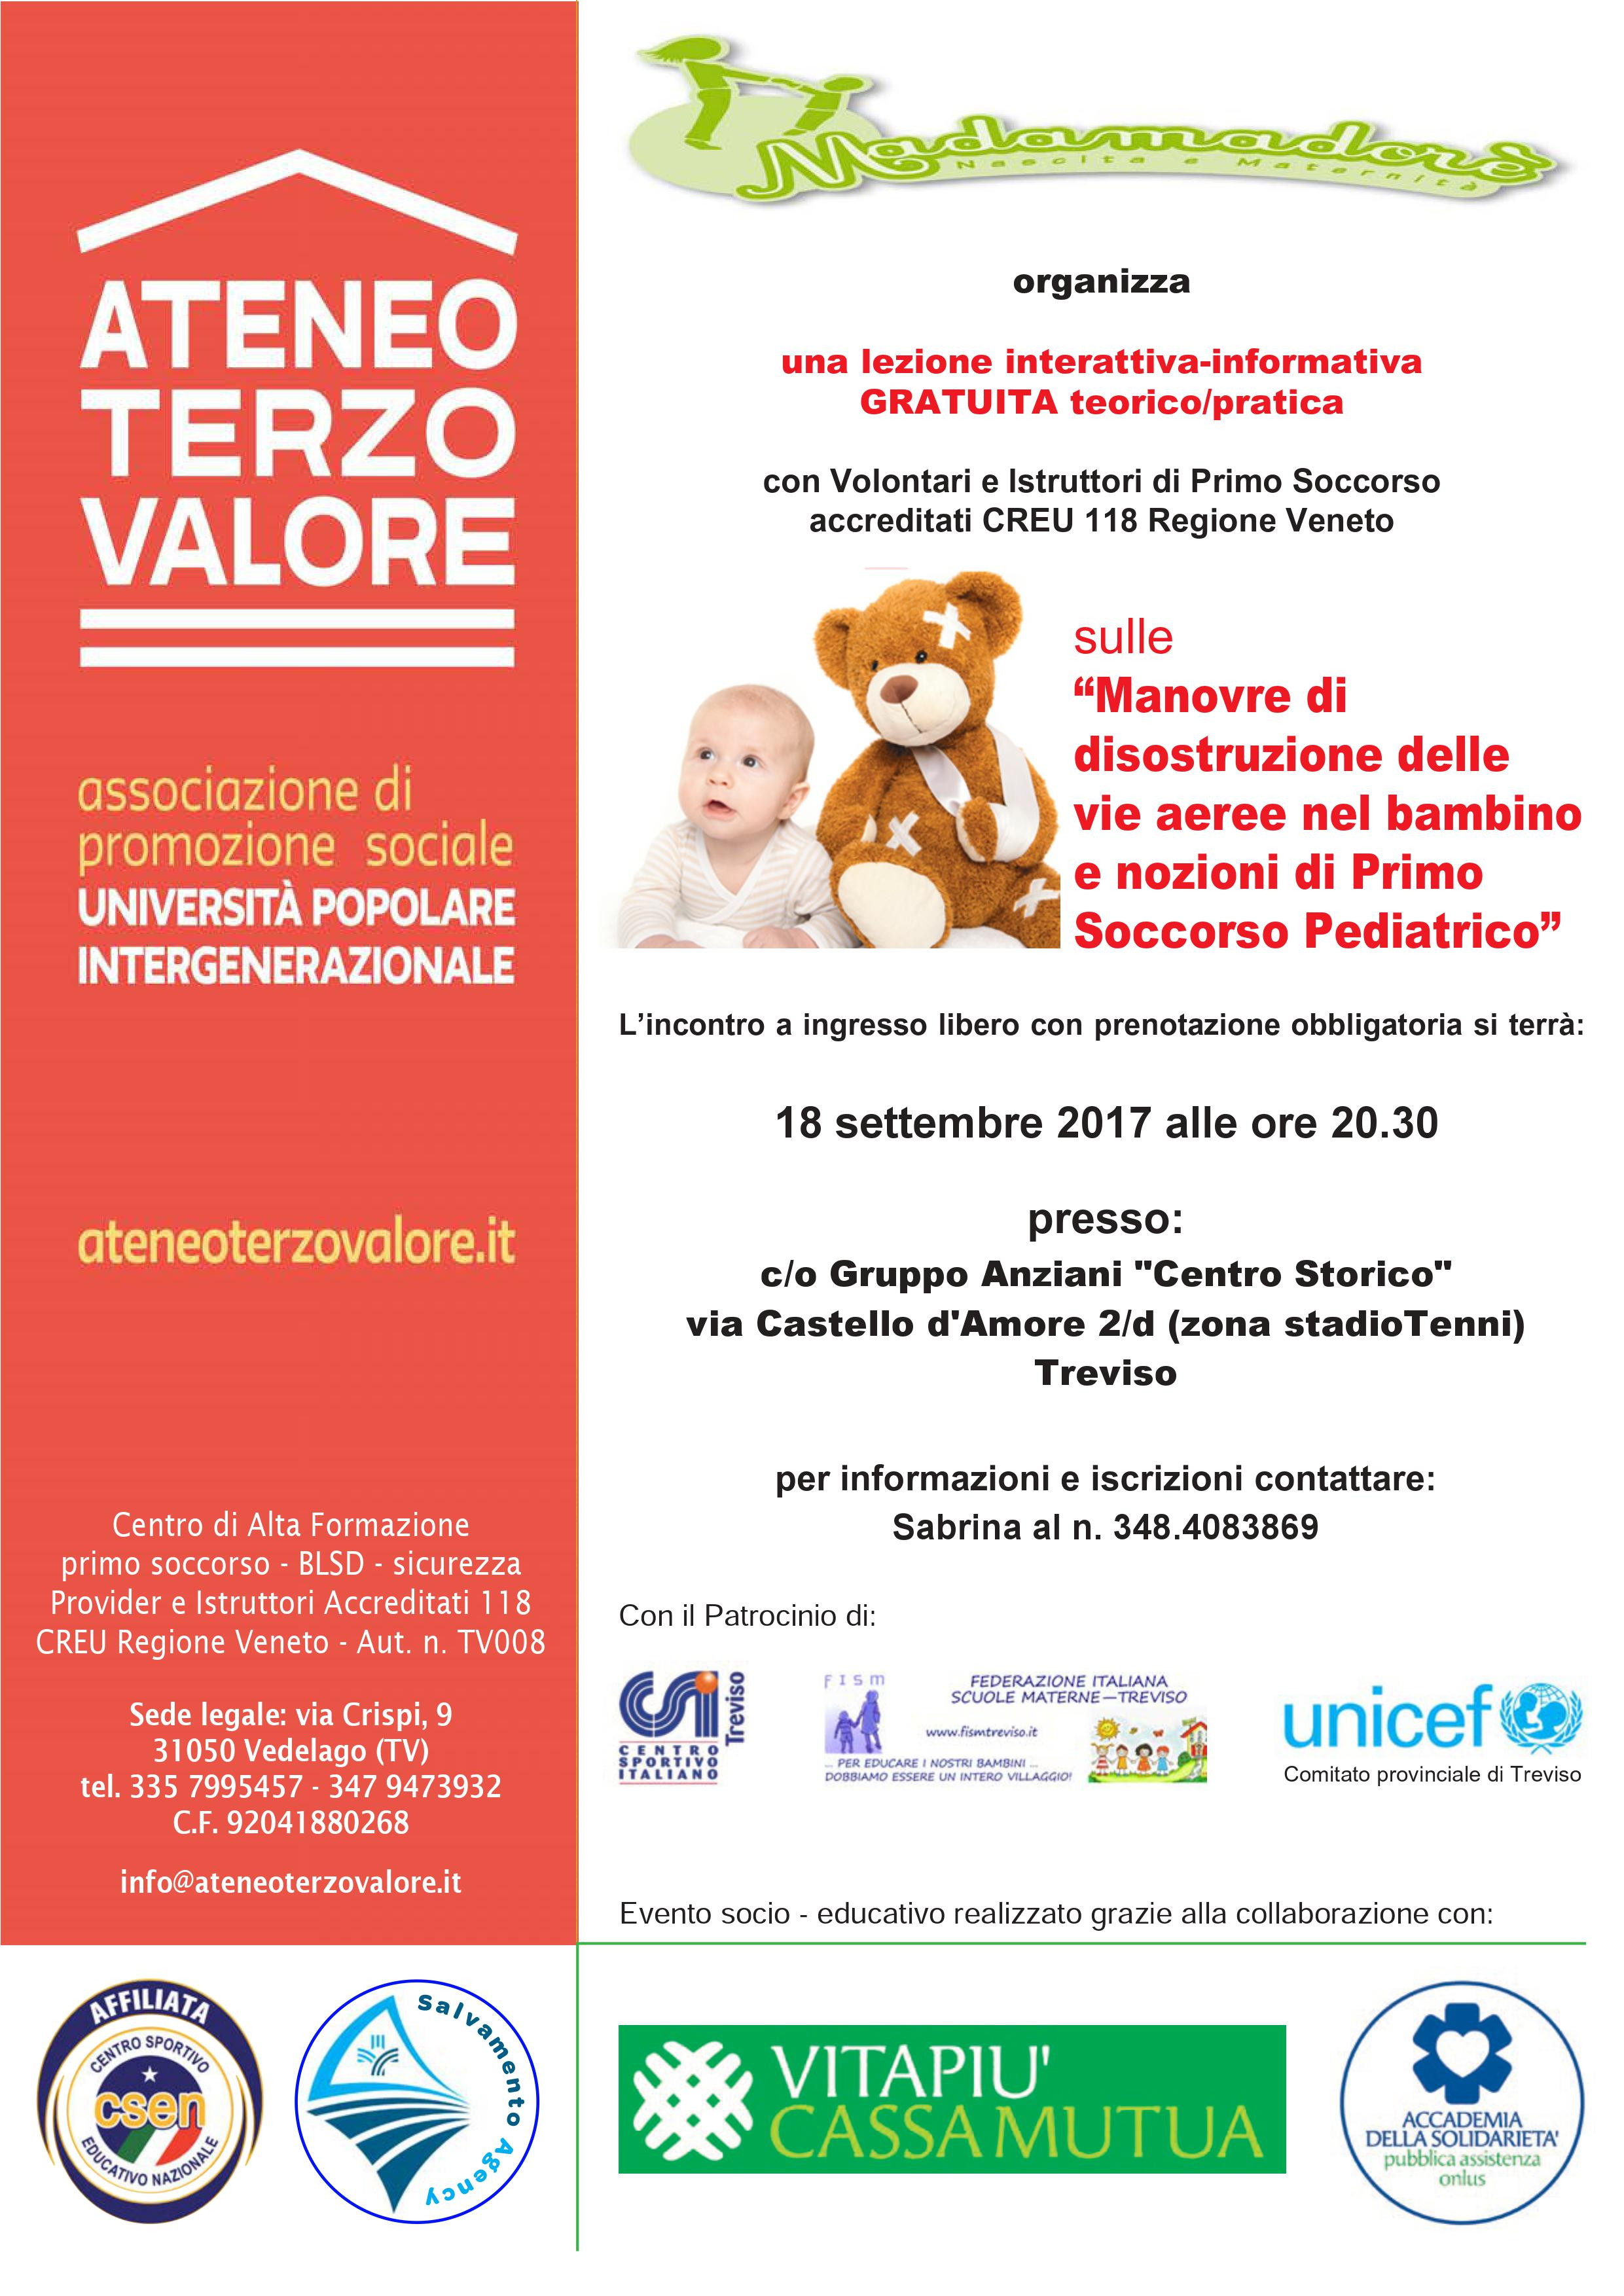 Disostruzione Pediatrica Treviso Ateneo Terzo Valore